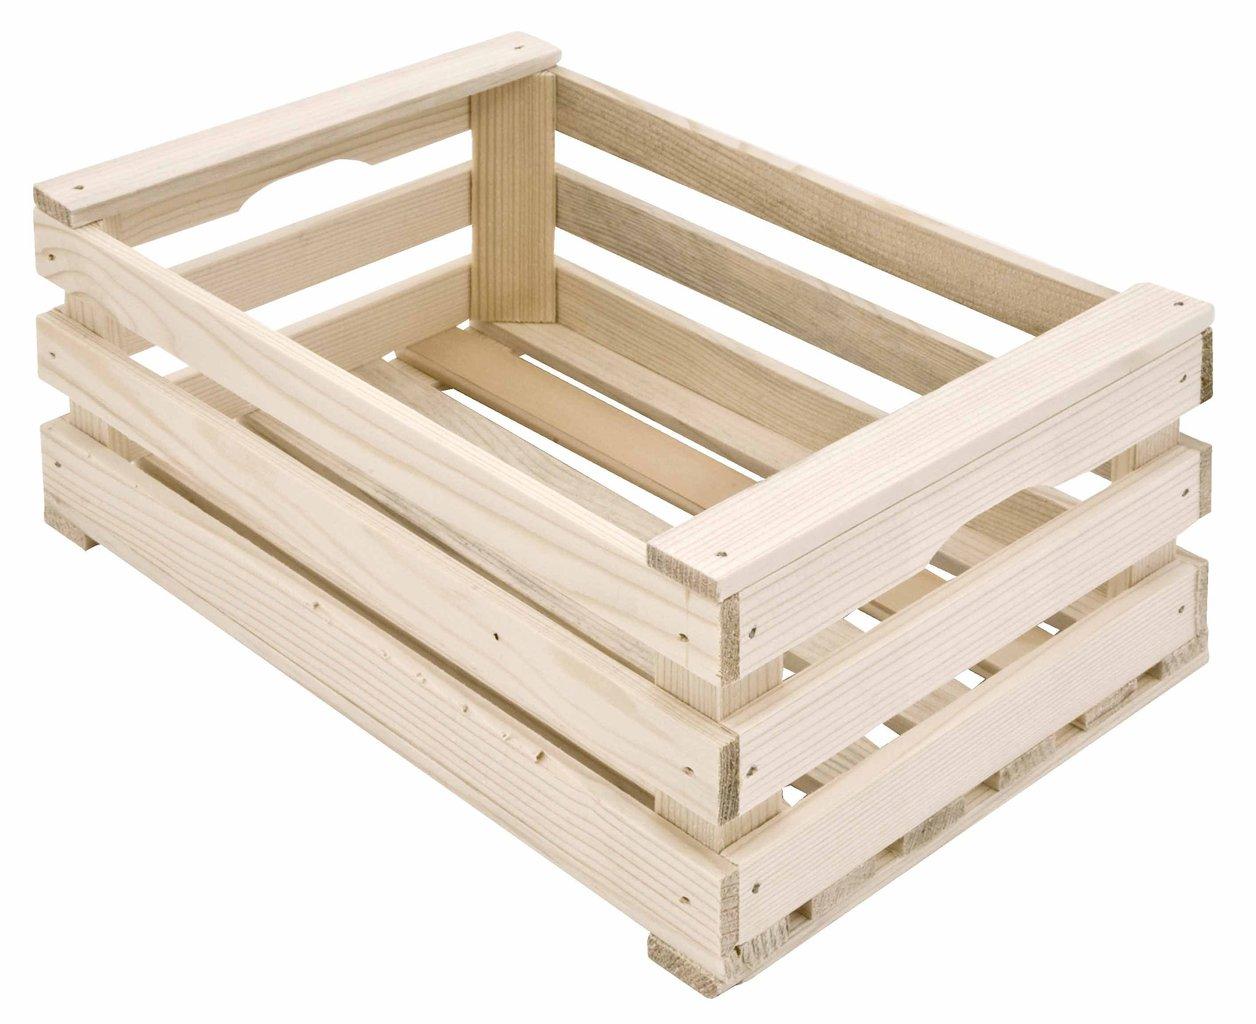 Cassetta in legno 25x17x11 h compra online rosi store for Bancone in legno fai da te